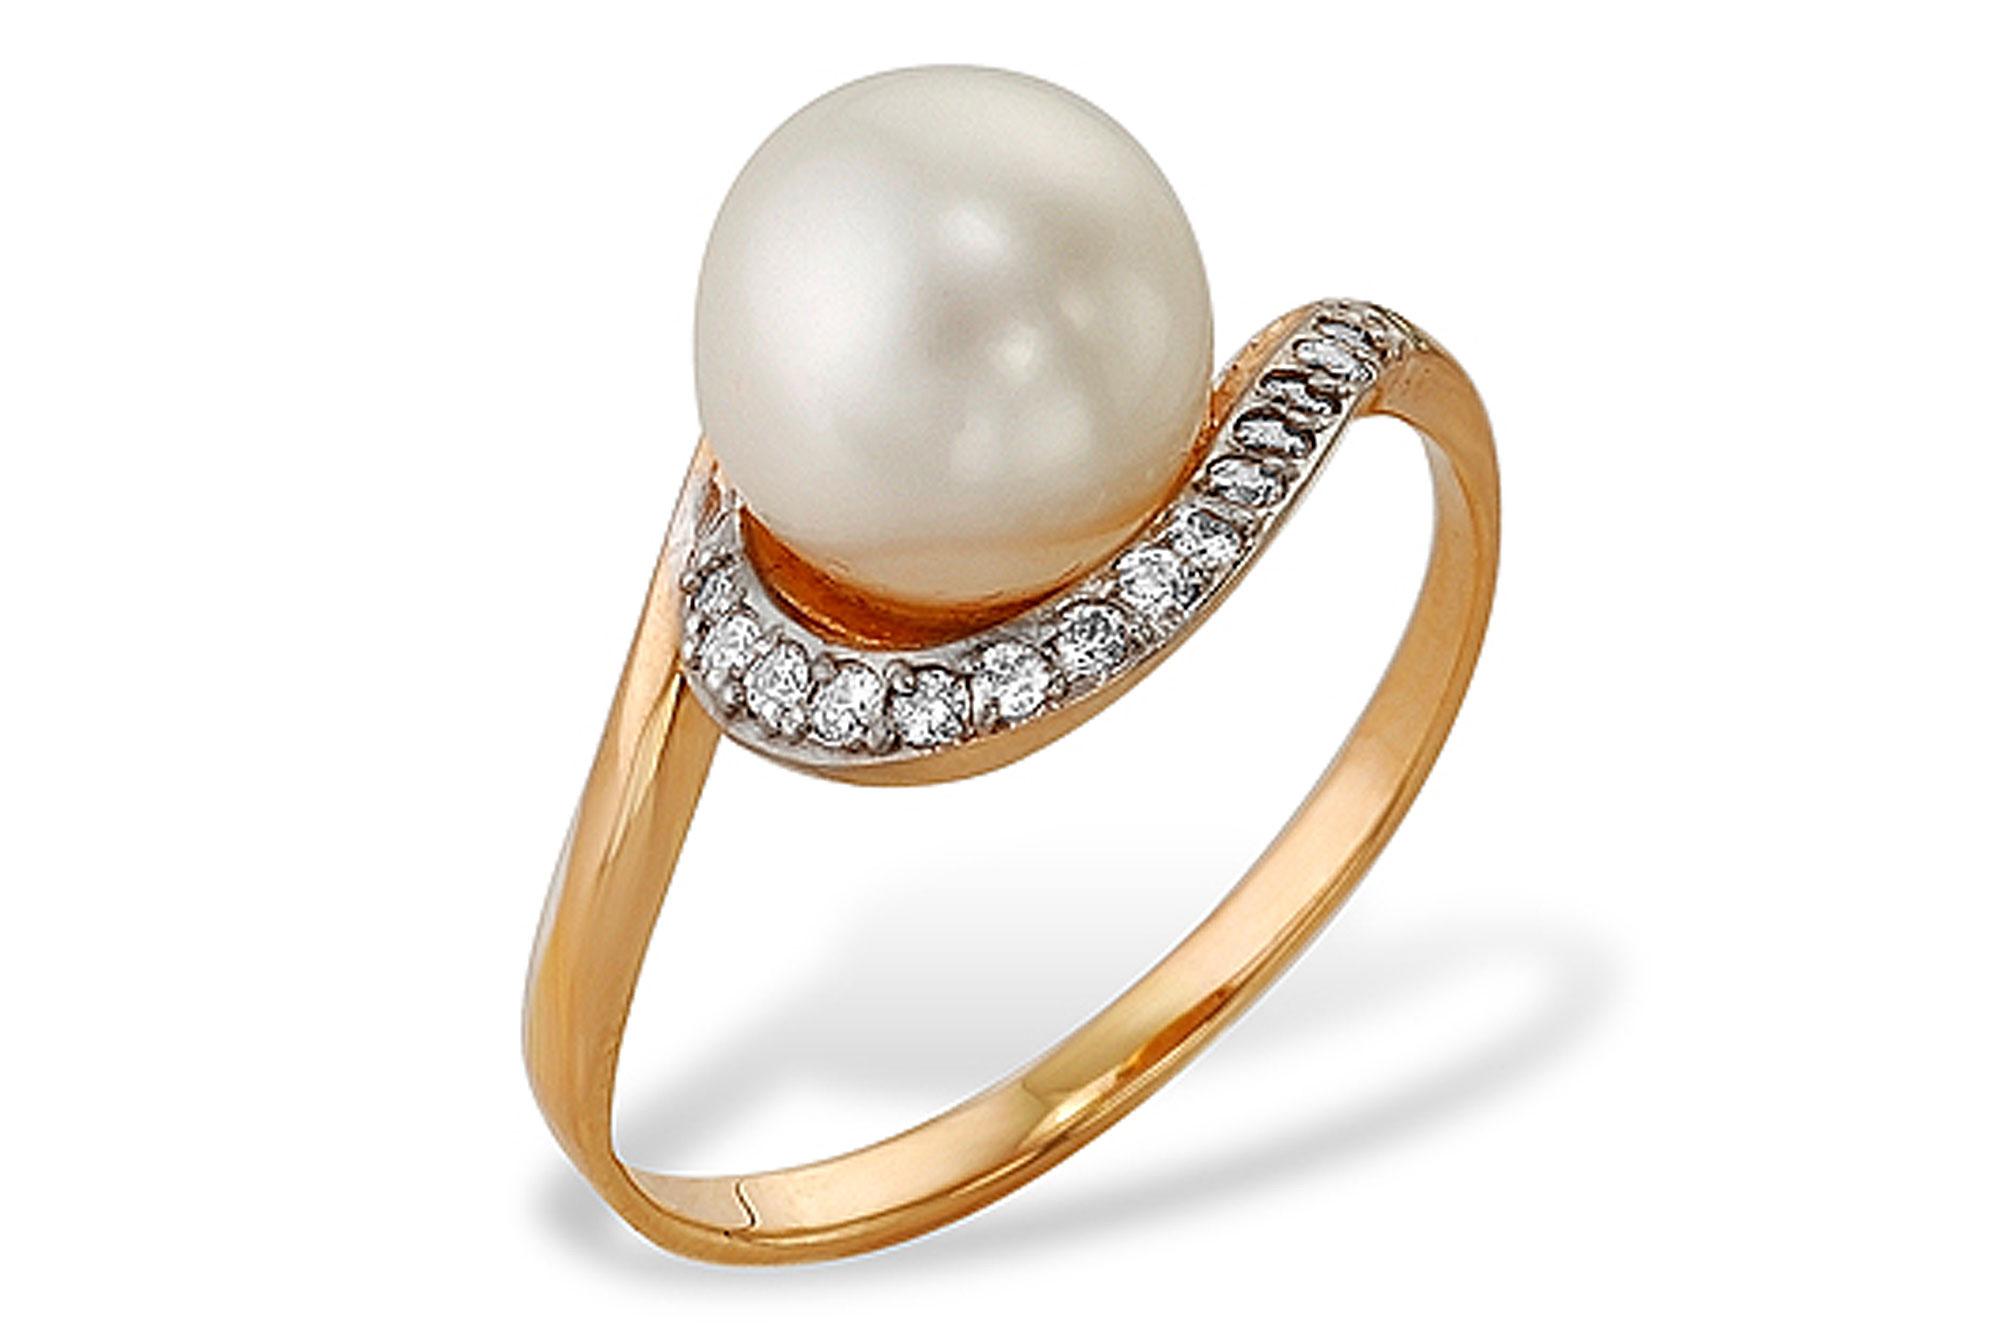 Кольцо из красного золота 585 пробы с белой жемчужиной 8,5-9 мм